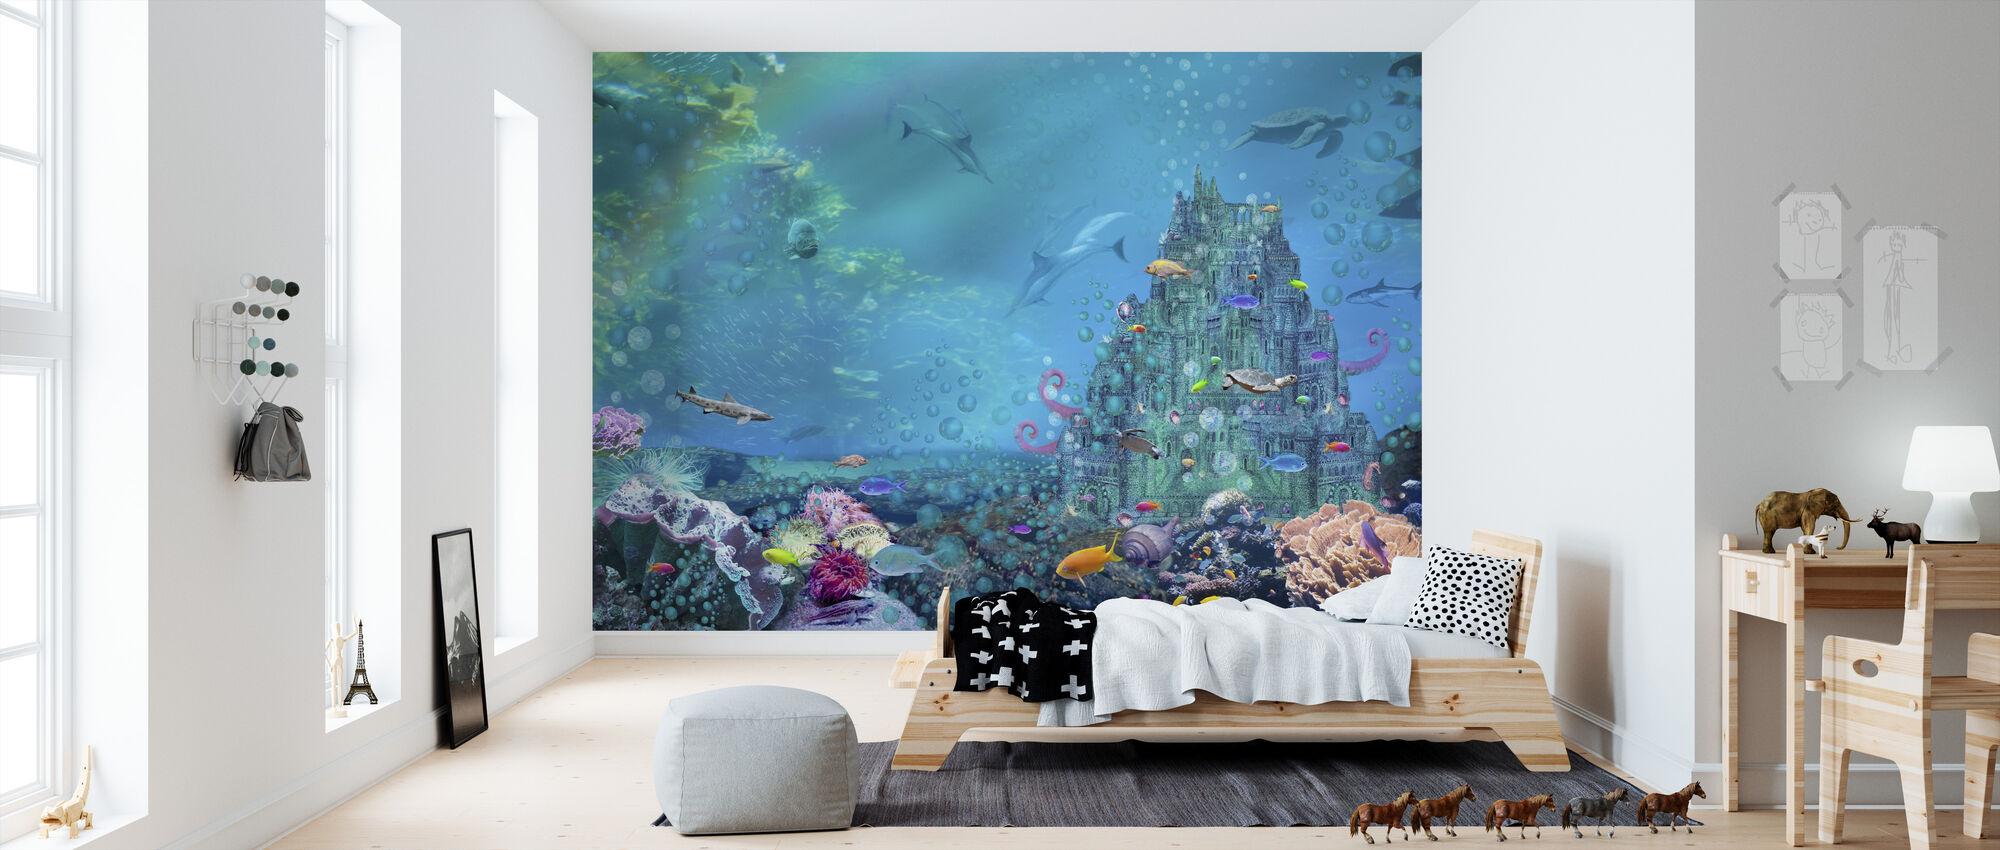 Underwater Castle - Wallpaper - Kids Room